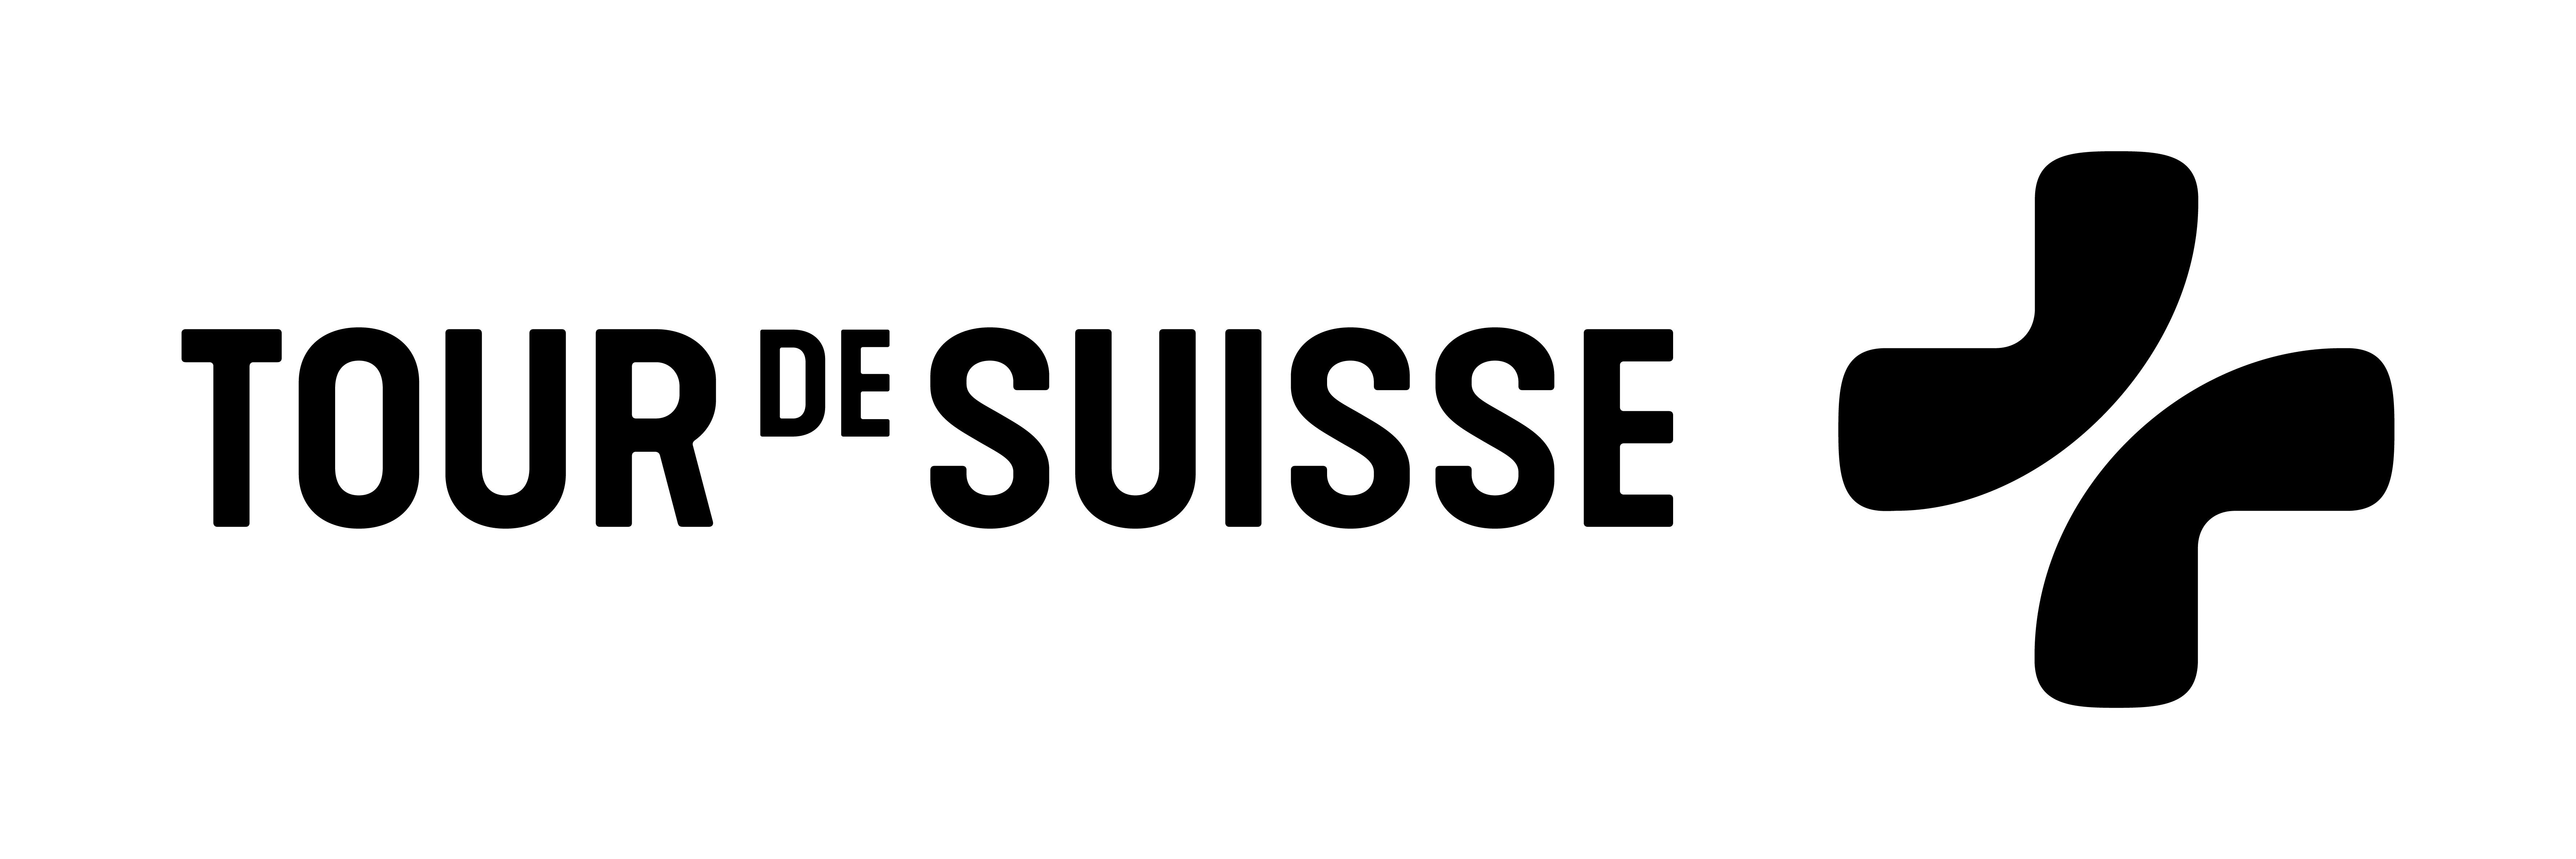 Tour de Suisse Rad